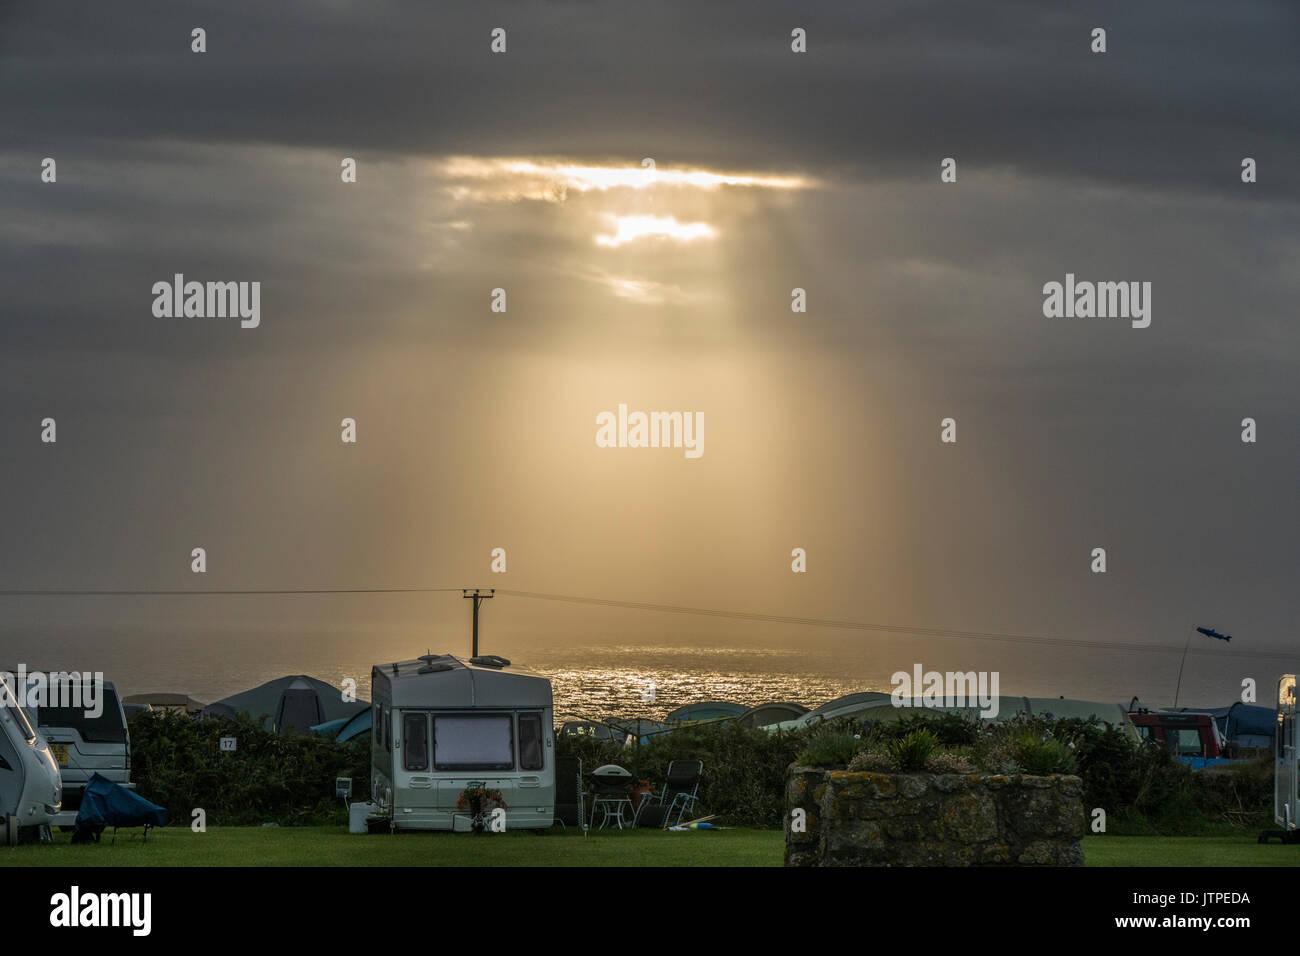 Briser les rayons à travers les nuages et illumine la mer à côté d'un camping à Sennen (près de Lands End), Penzance, Corwall, England, UK. Photo Stock